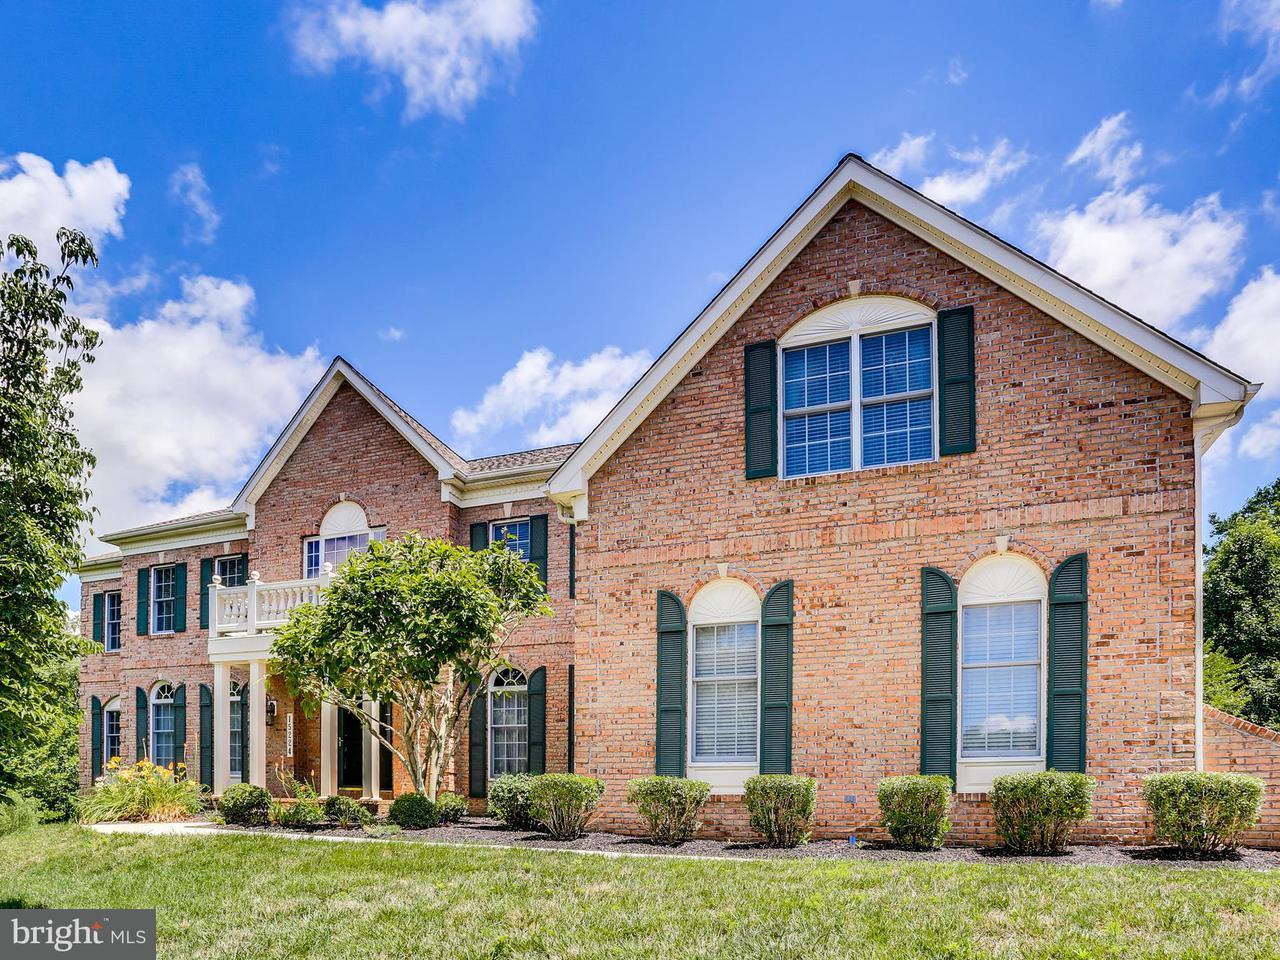 Частный односемейный дом для того Продажа на 15224 OPEN LAND Court 15224 OPEN LAND Court Dayton, Мэриленд 21036 Соединенные Штаты